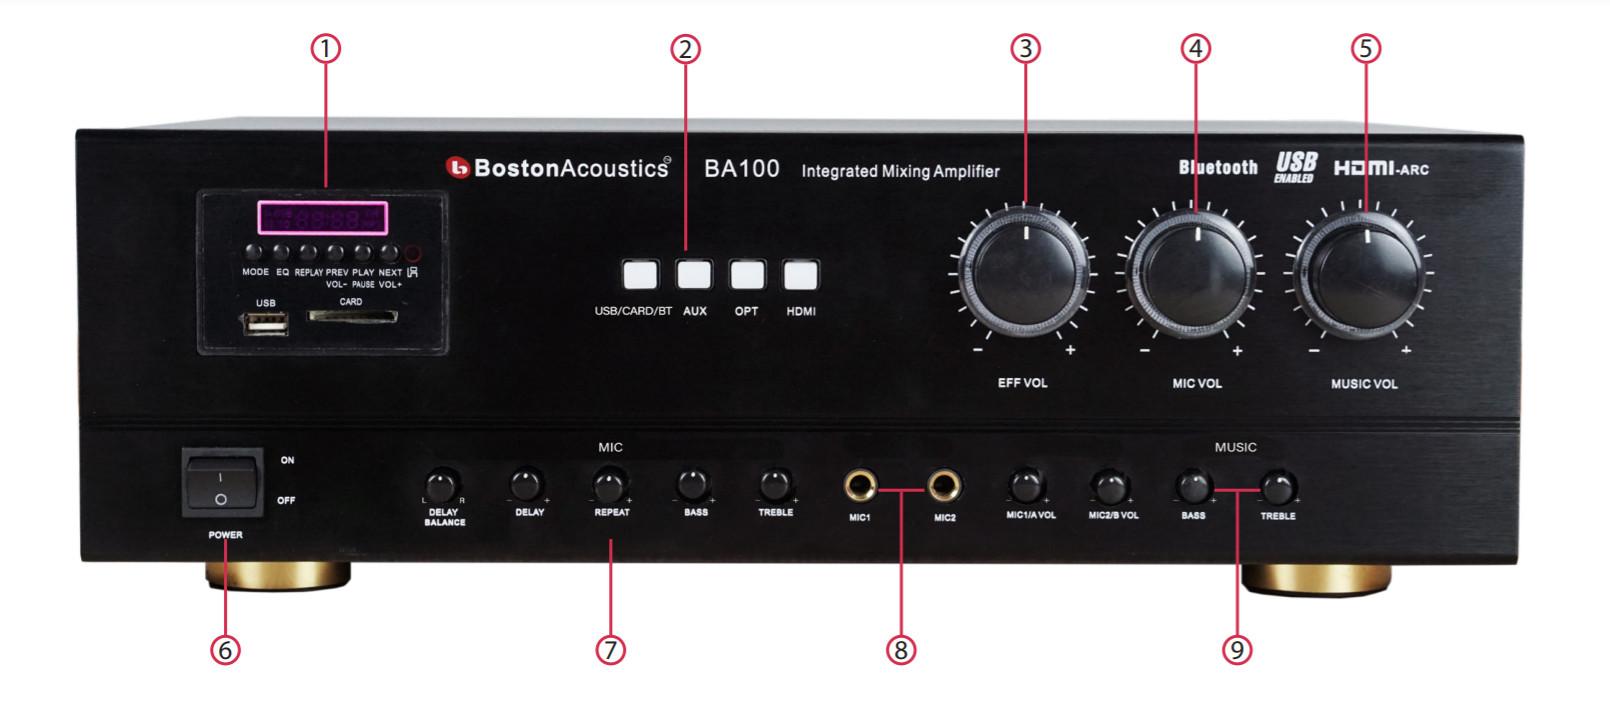 Ampli Karaoke Boston Acoustics BA100 | HAYAUDIO.COM